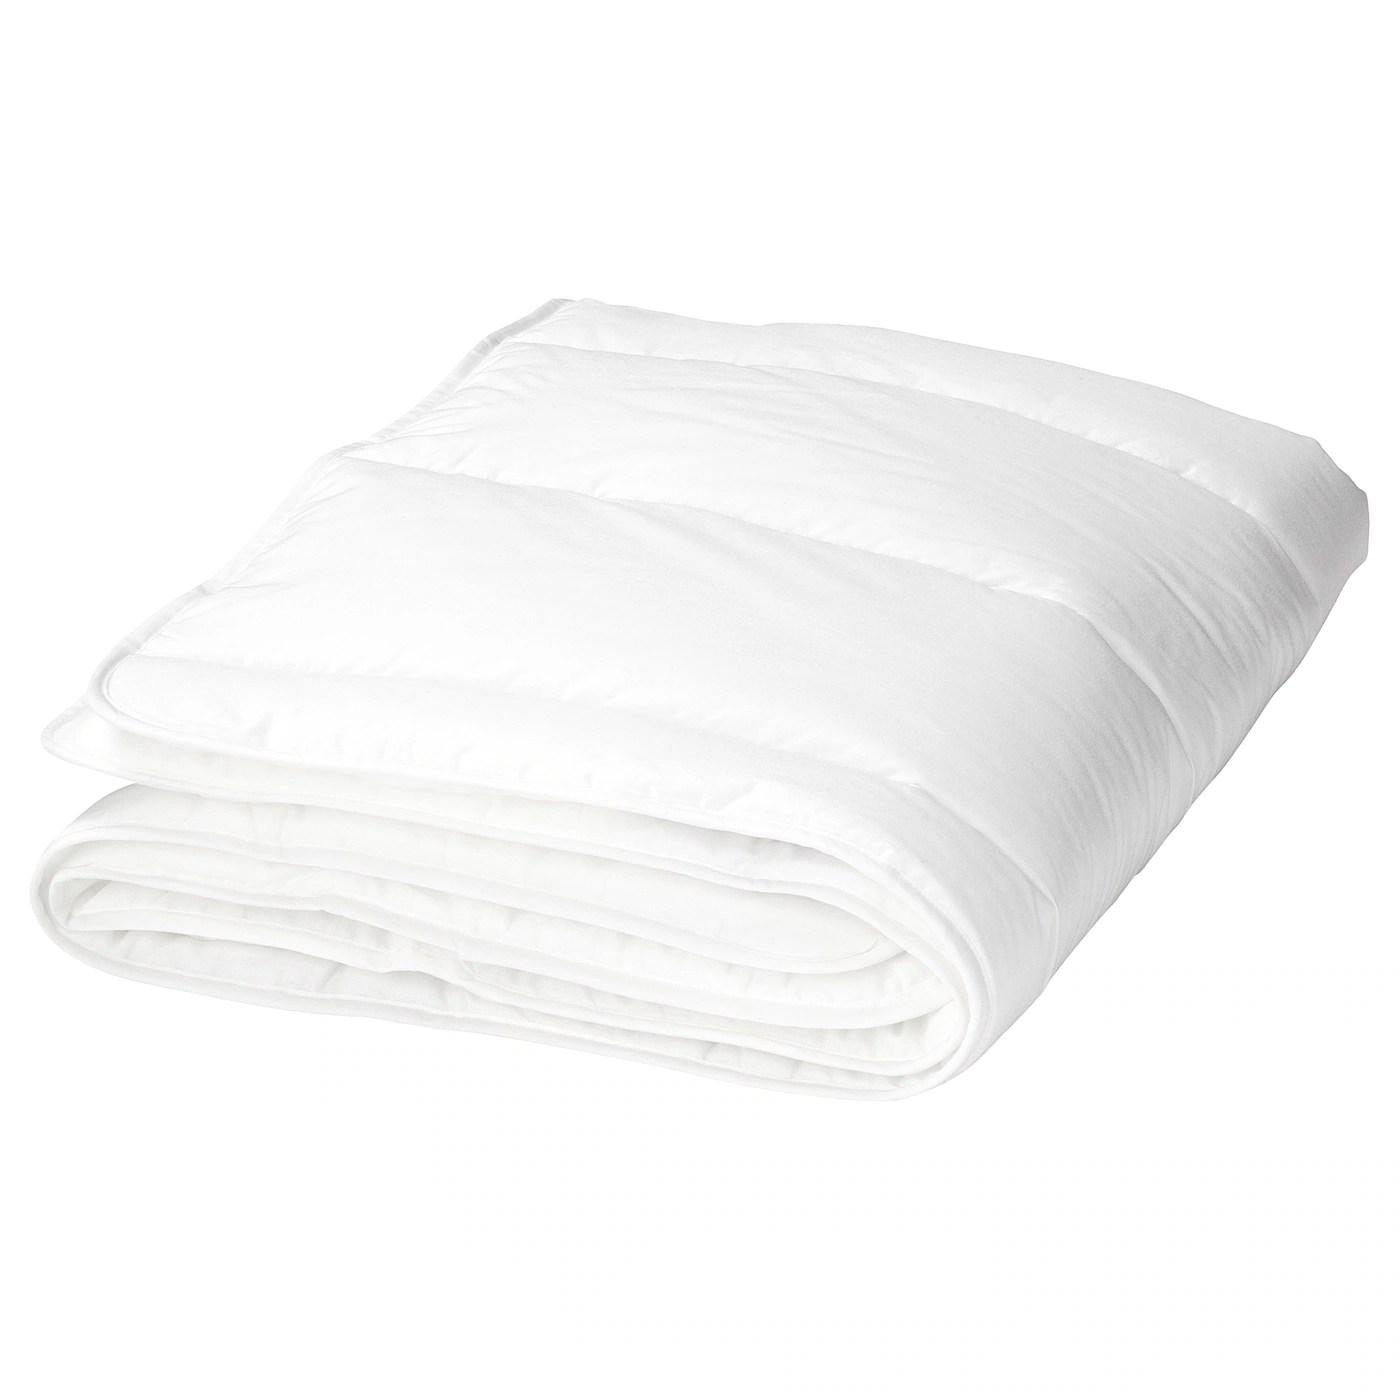 Len Couette Pour Lit Bebe Blanc 110x125 Cm Ikea